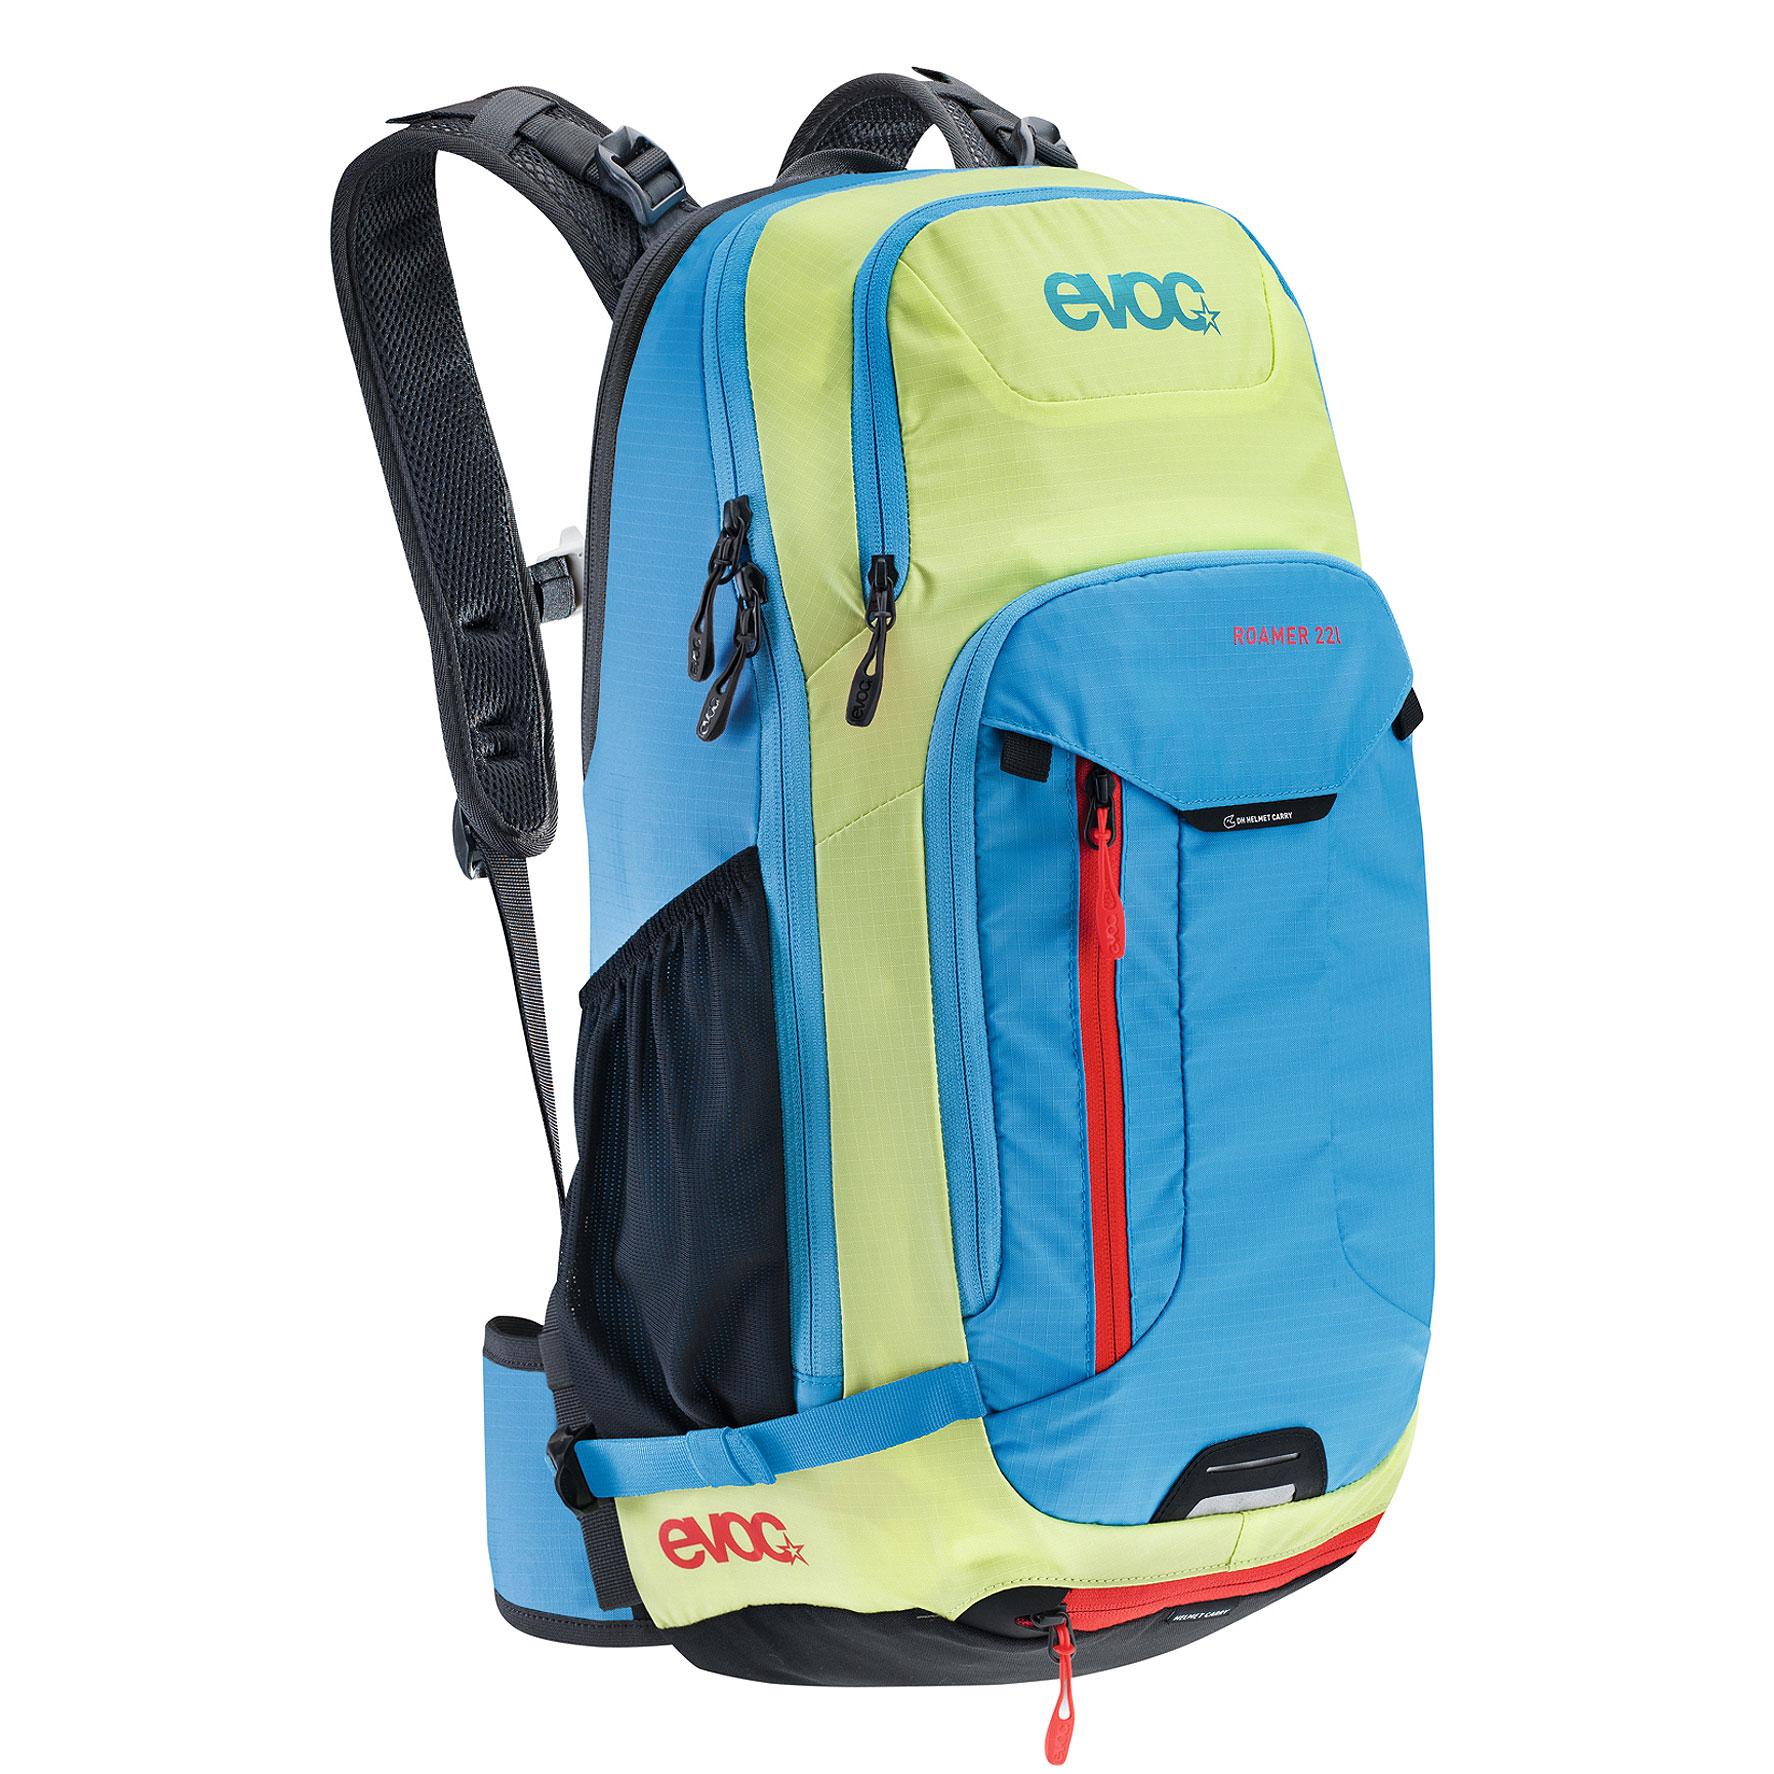 Evoc c sac dos velo sac a dos enfant sac de sport - Sac a velo ...